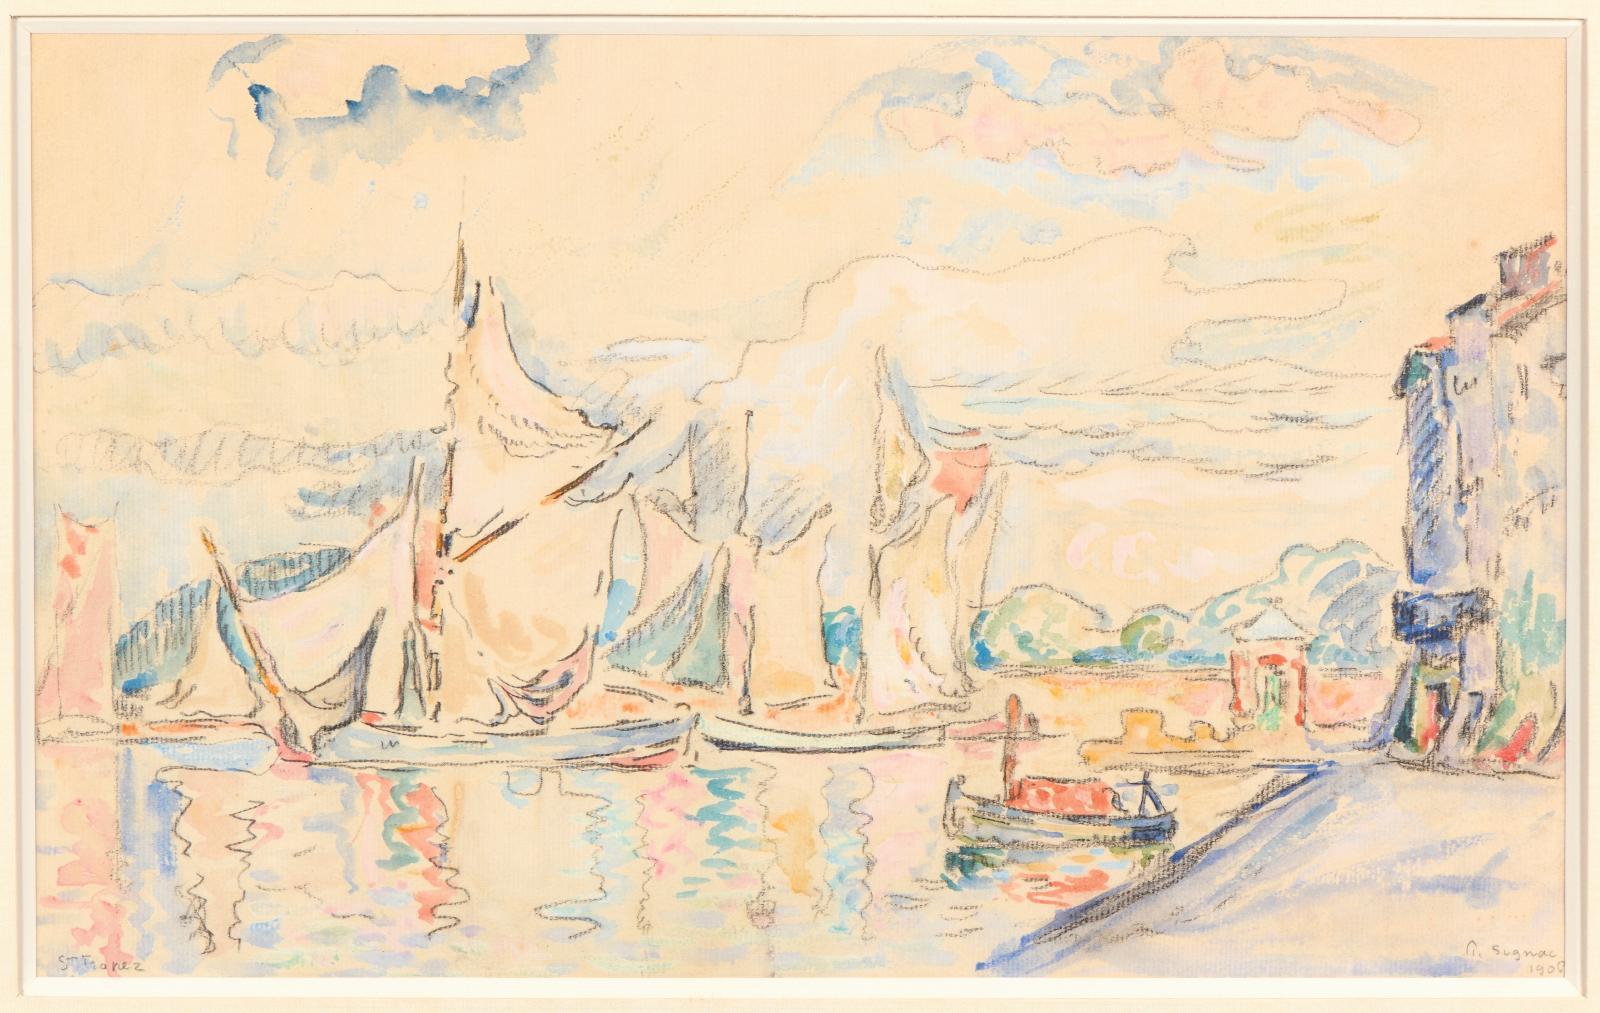 Paul Signac (1863-1935), Voiliers à Saint-Tropez, 1906, aquarelle sur traits de fusain, signée au crayon de papier, datée et située, 24,5